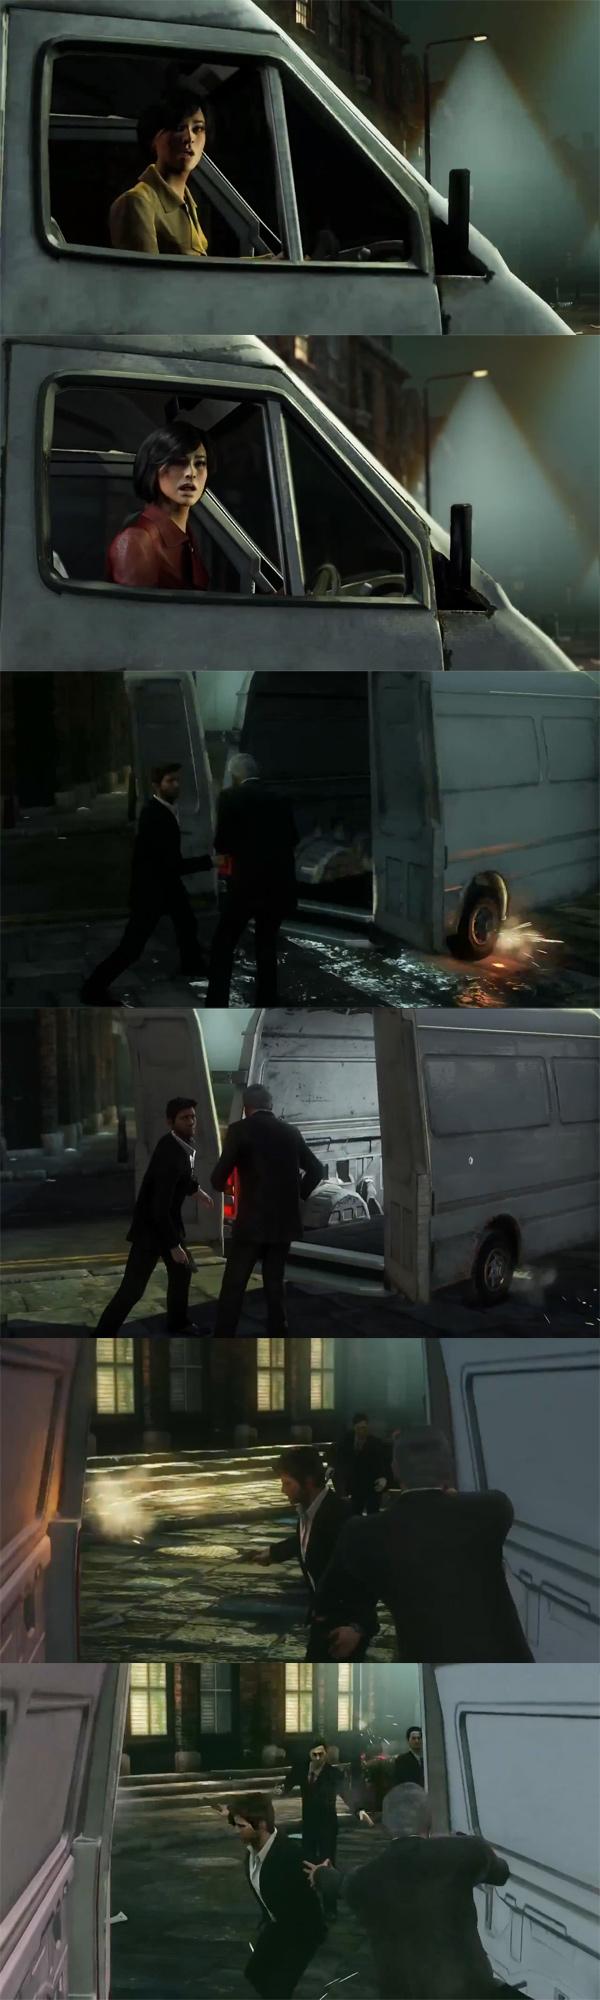 uncharted 3 vs porównanie wersji